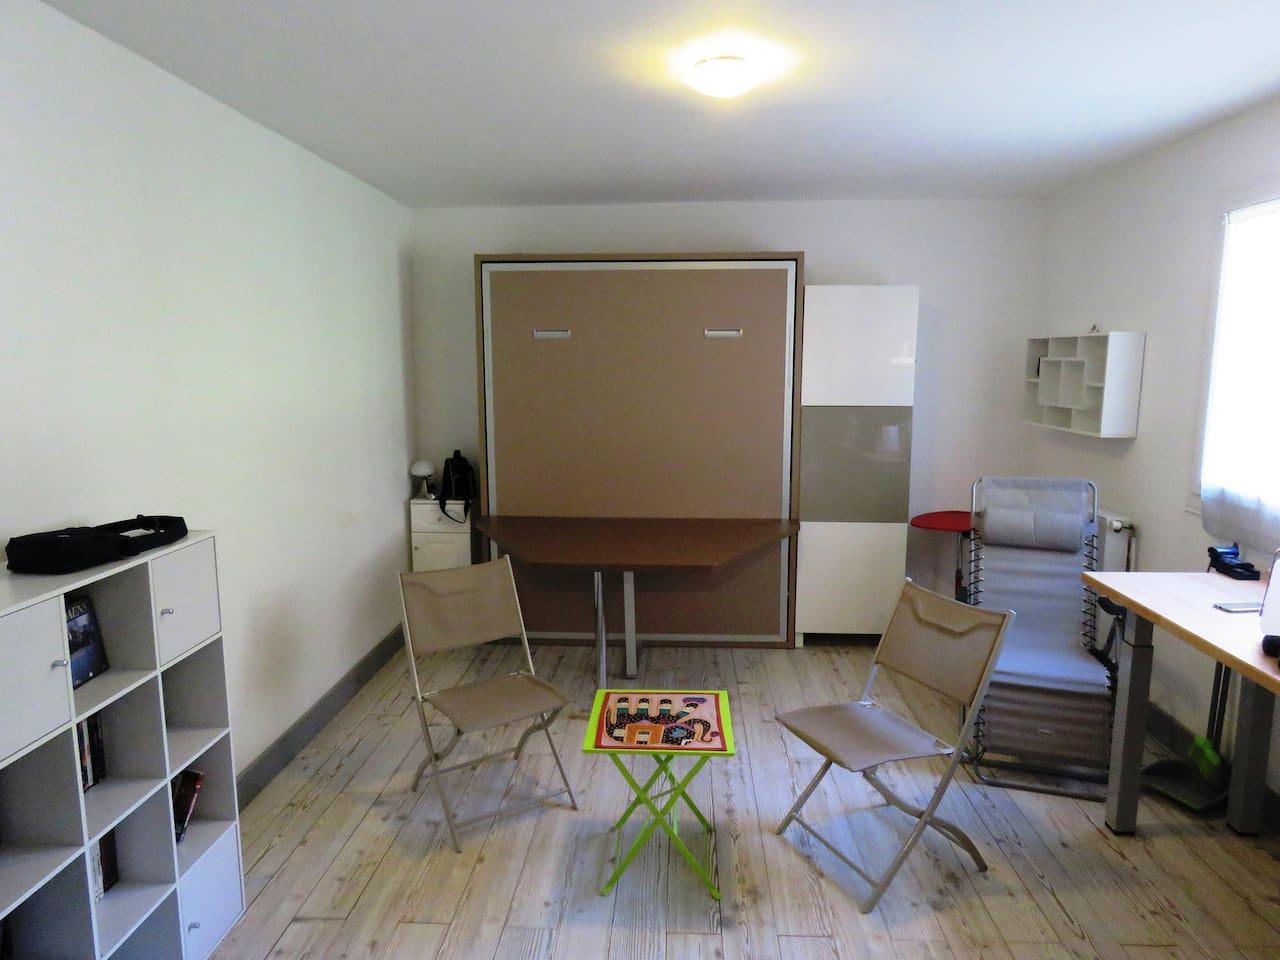 Pièce à vivre intégrant un lit placard en position jour (grande table)